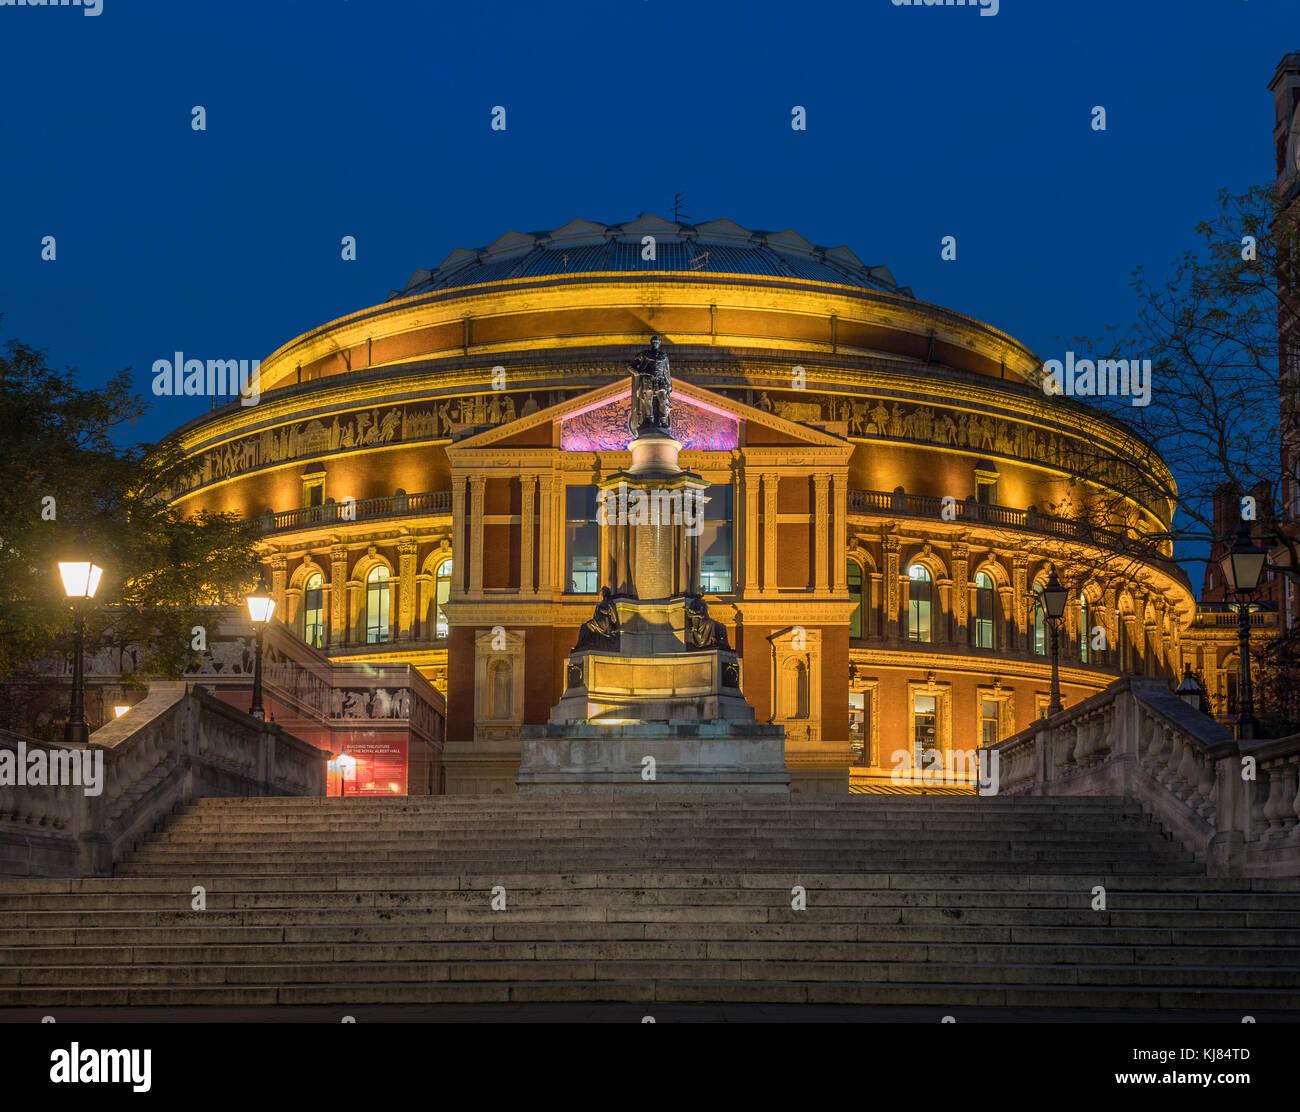 Jubilé de diamant de la reine Elizabeth II comme suit, le Royal Albert Hall, Londres, UK at Dusk Photo Stock